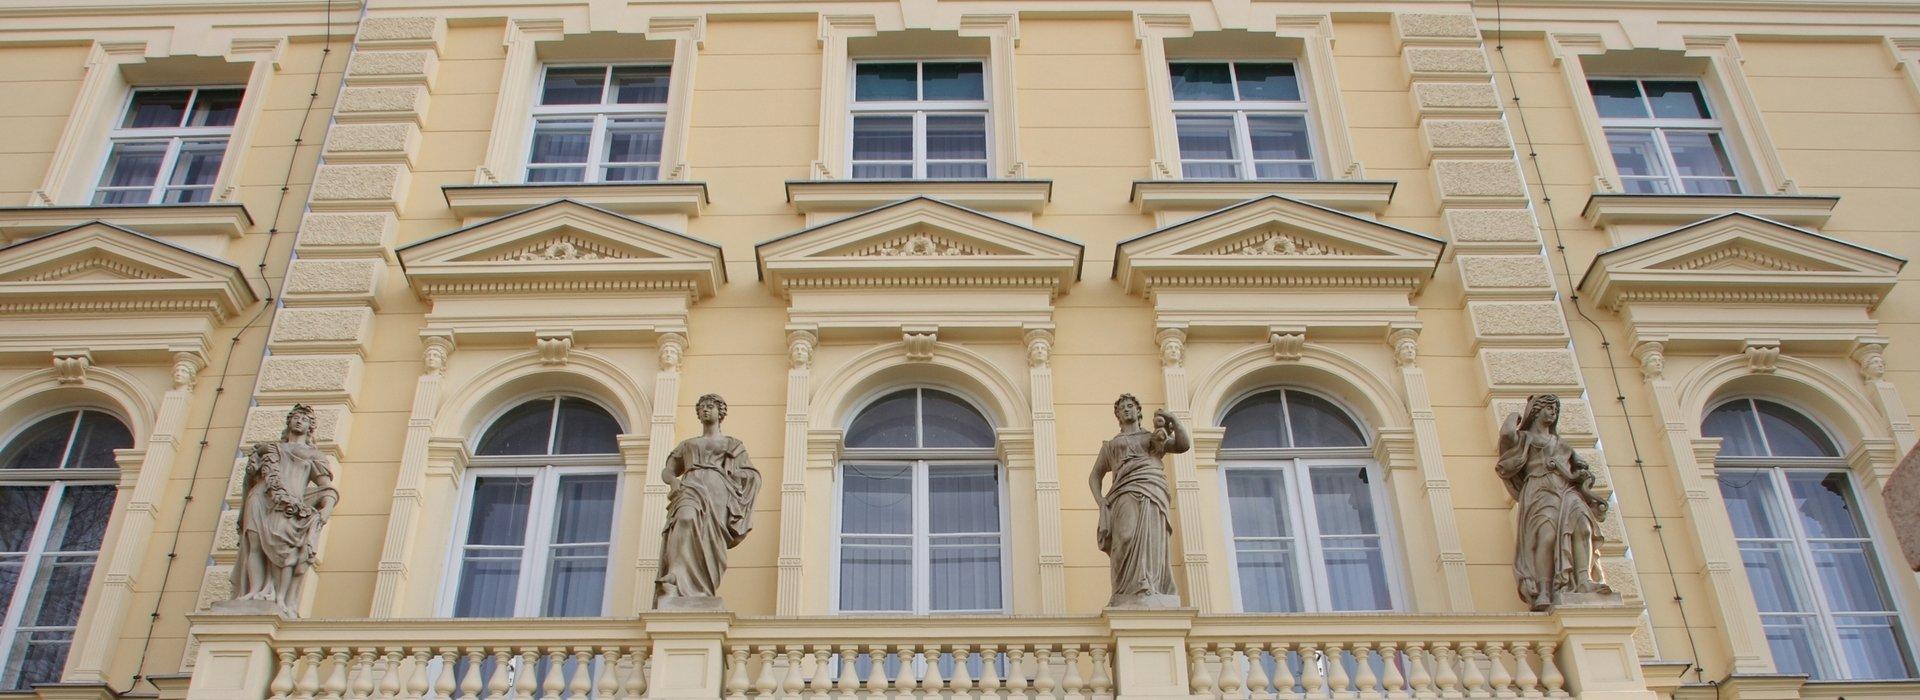 Budapesti Ingatlankörkép – Ingatlanok Budapesten